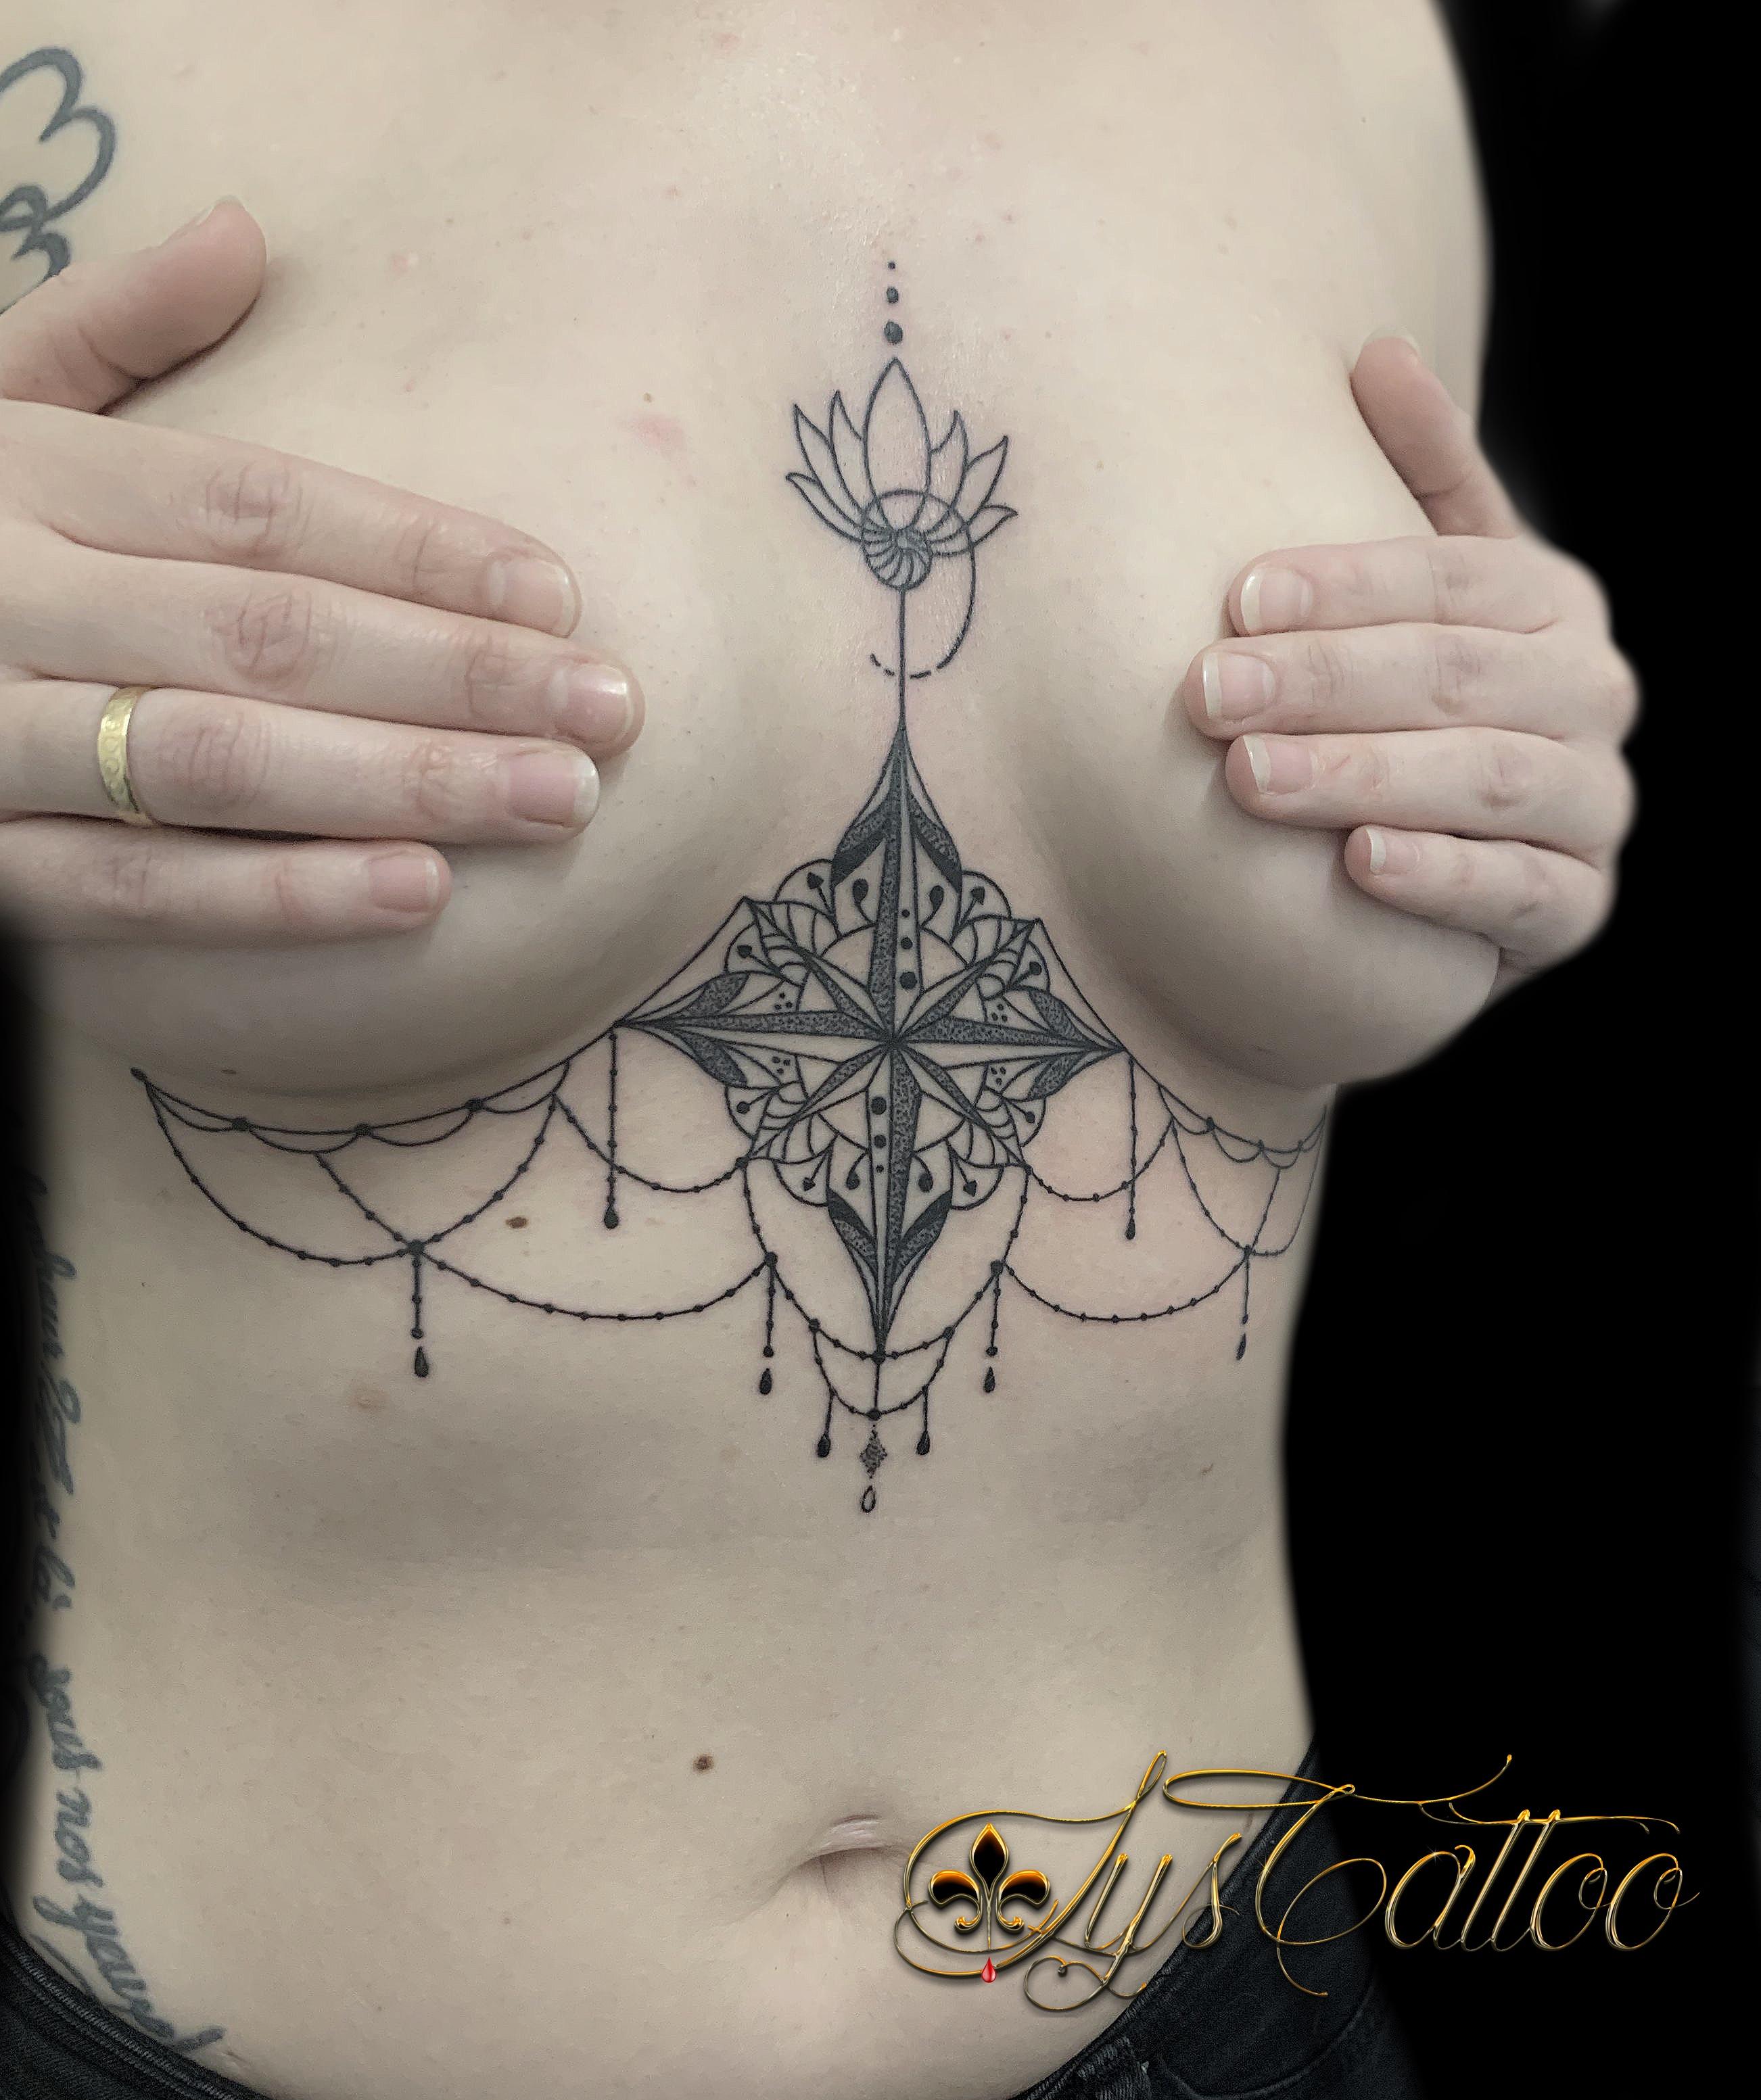 tatouage undâerboobs rose des vents